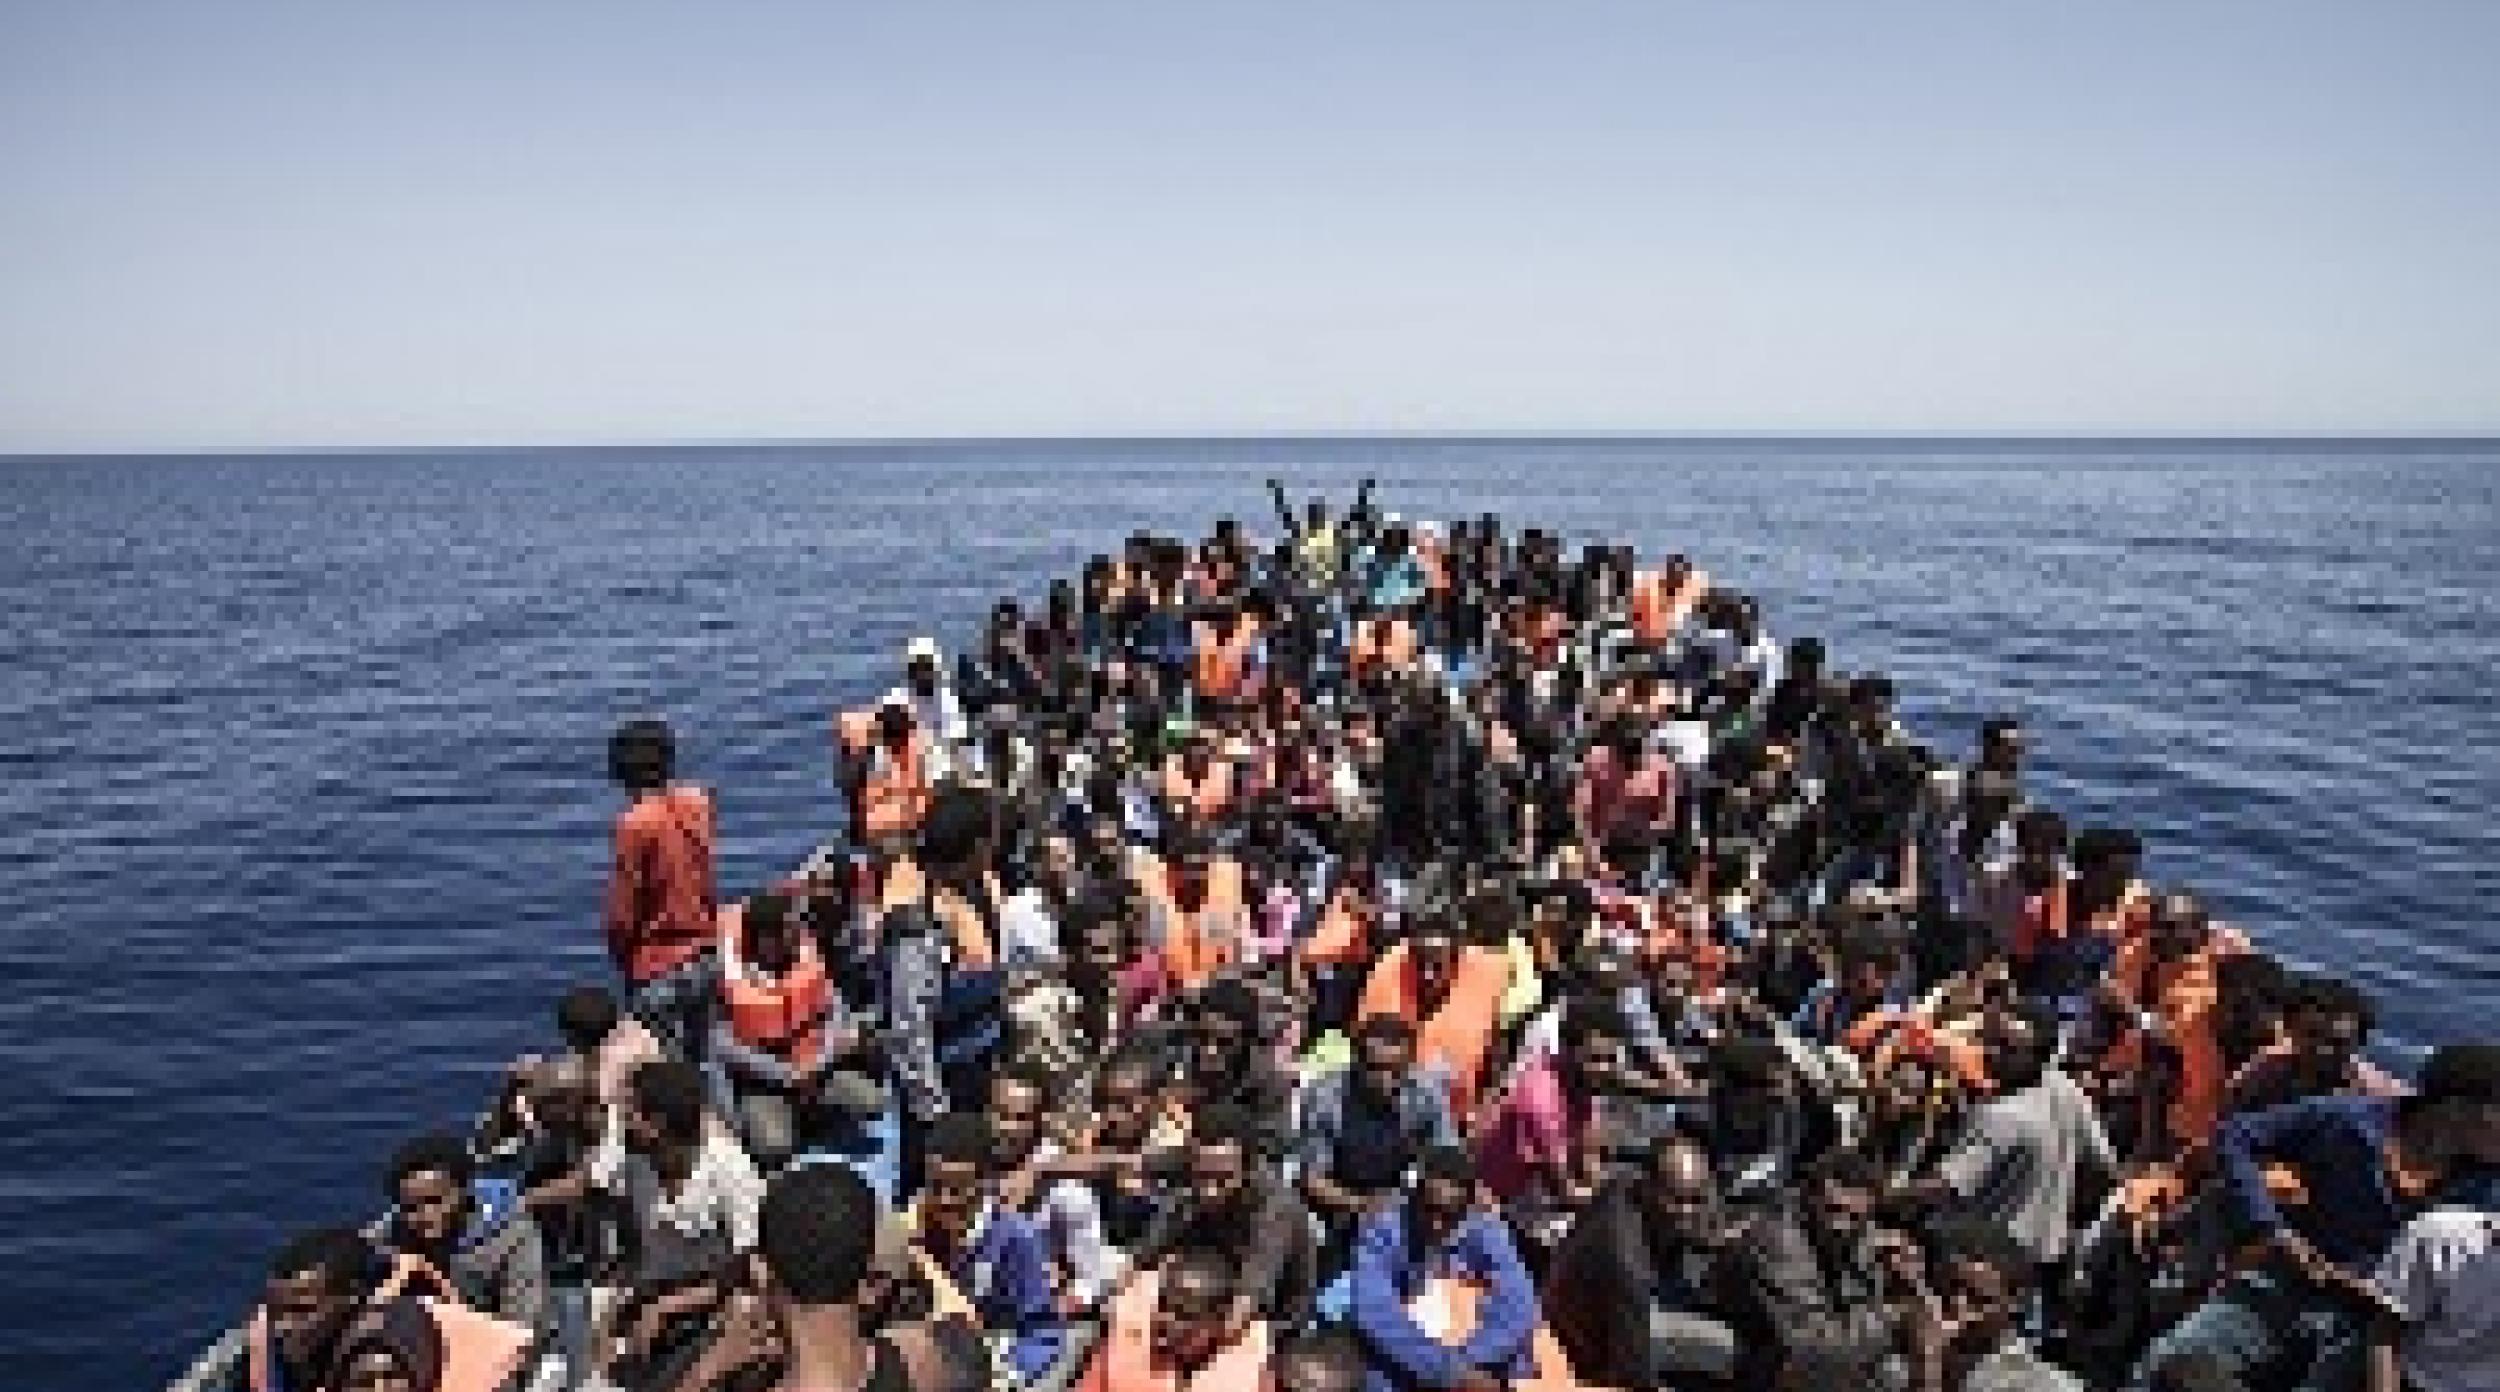 በሊቢያ ''የባሪያ ንግድ'' እየተካሄደ እንደሆነ የሚያሳየው ተንቀሳቃሽ ምስል ድንጋጤን ፍጥሯል - Sale of African Migrants as Slaves in Libya